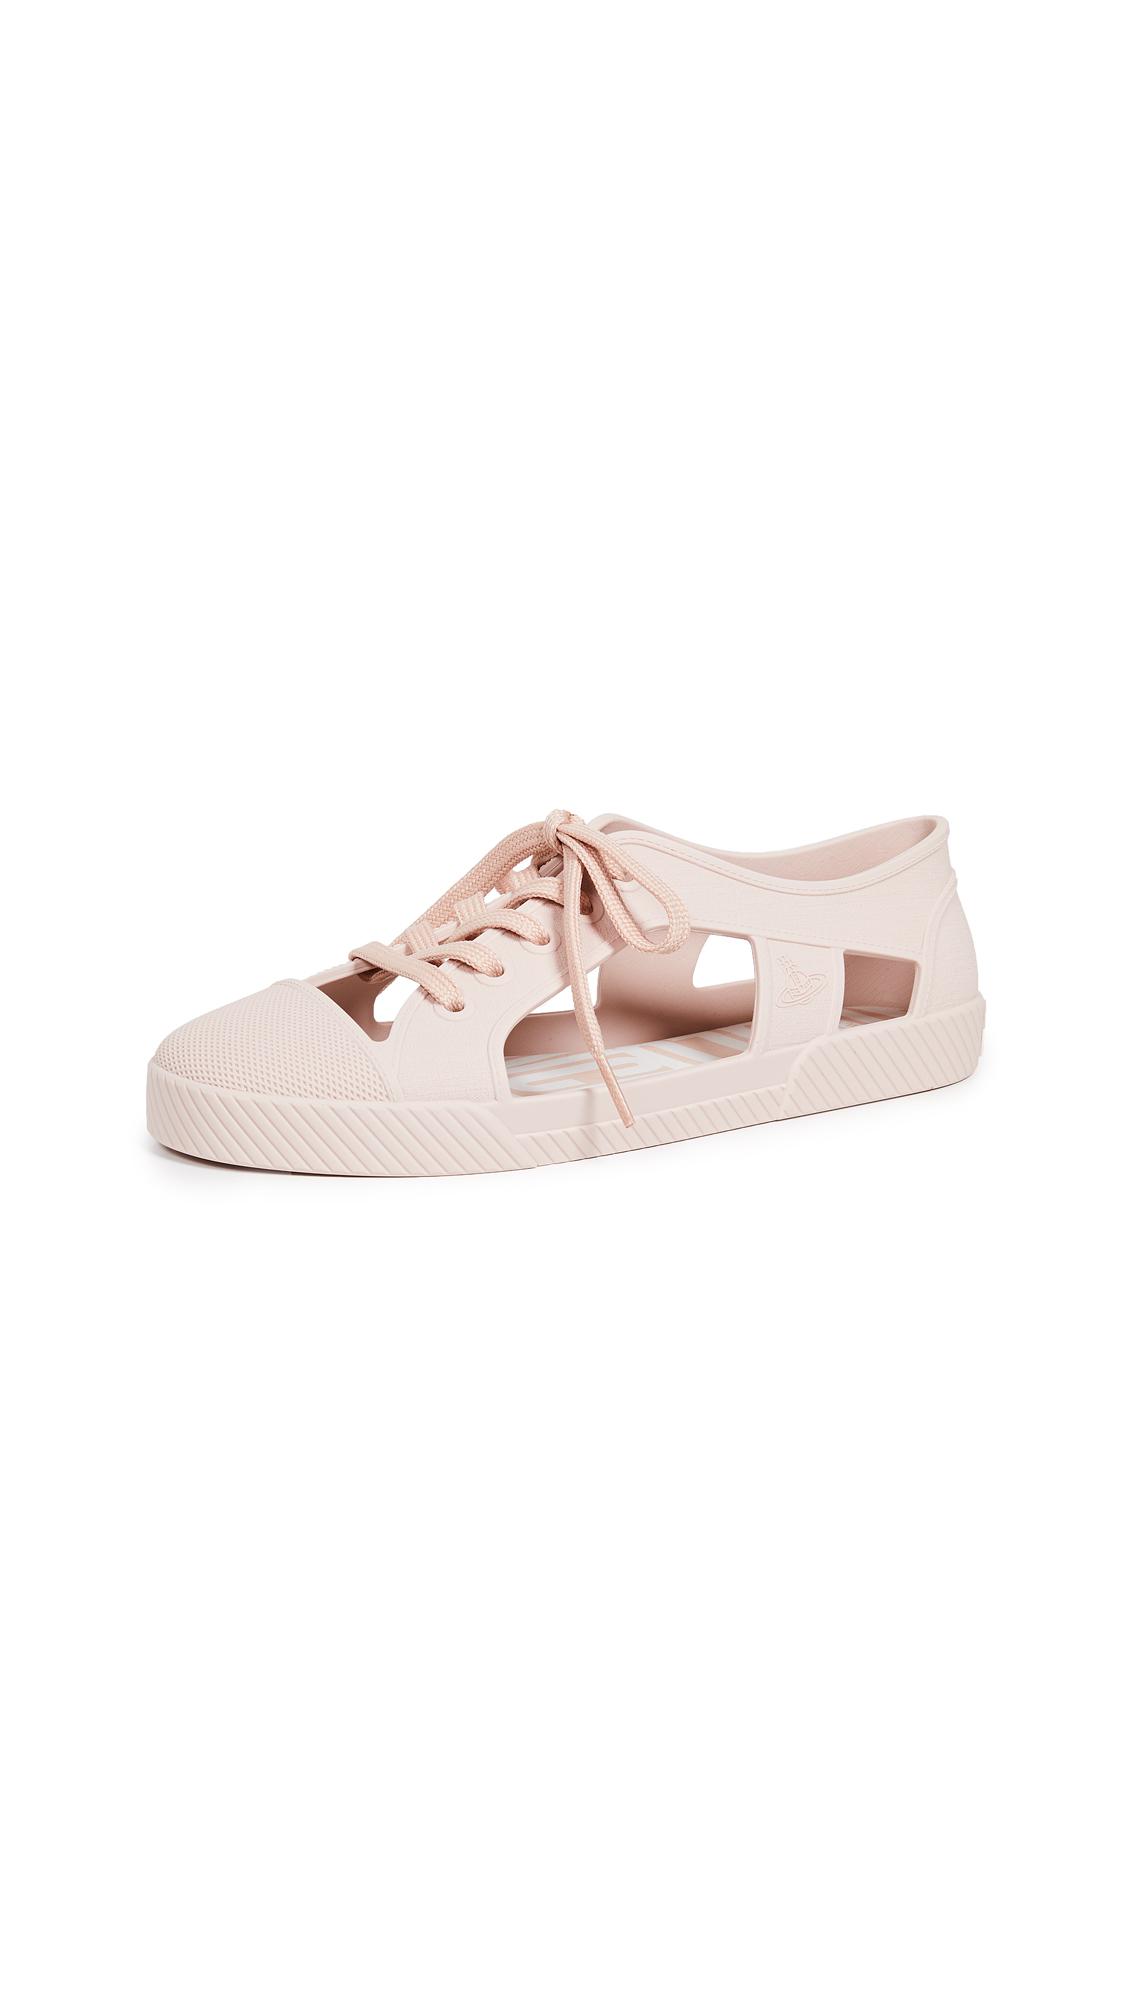 Melissa x Vivienne Westwood Brighton Sneakers - Pink